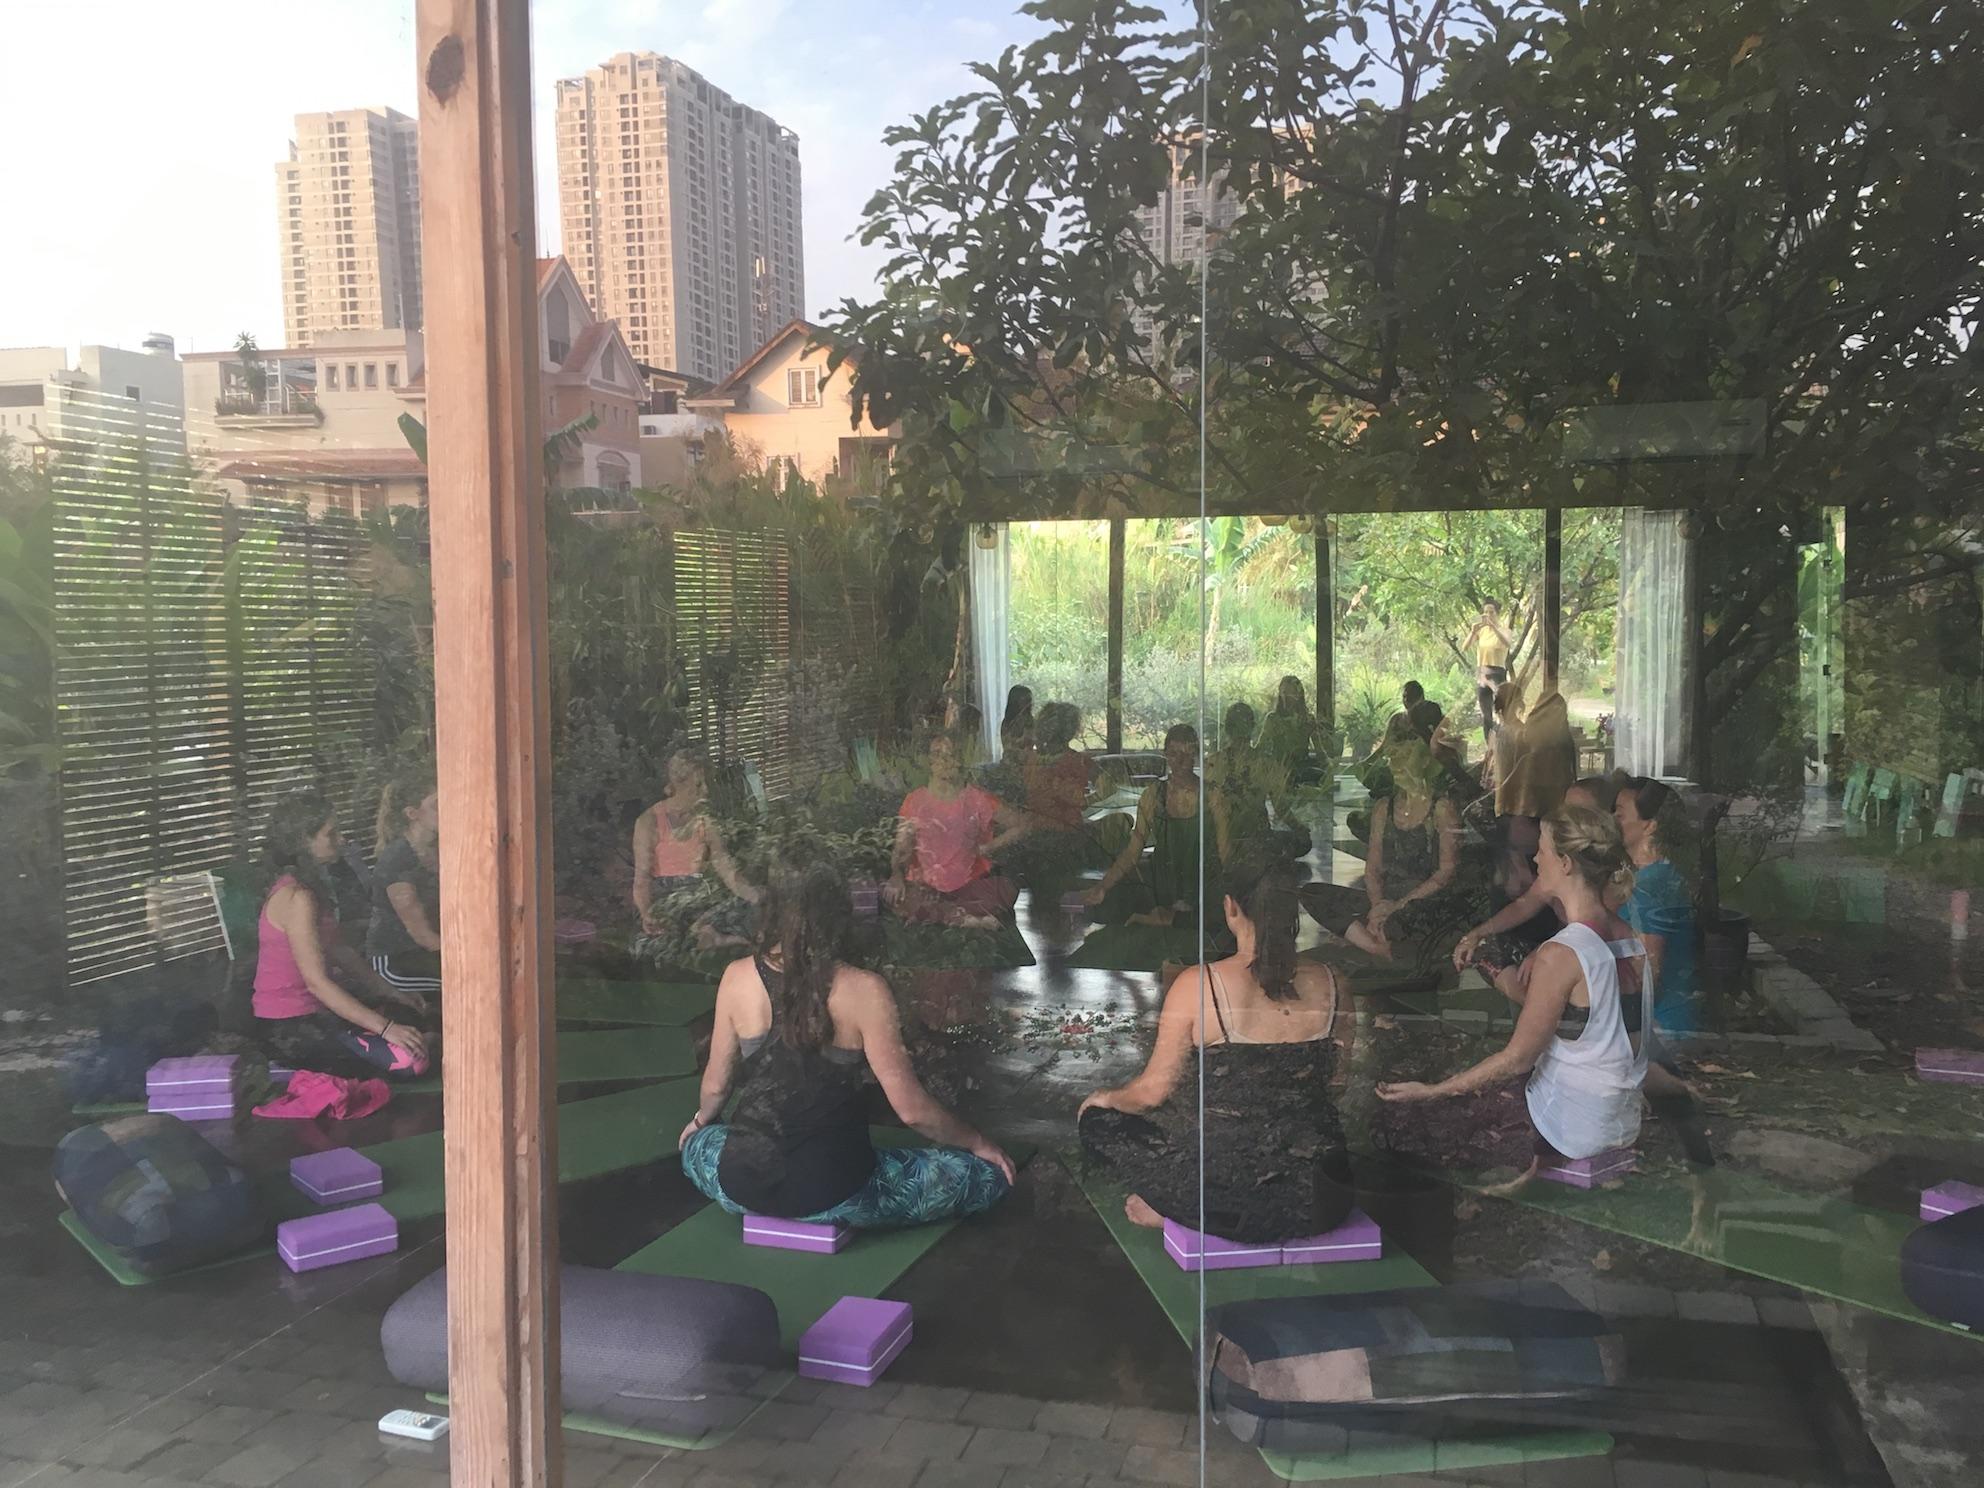 Rachel-Bilski-yoga-pod-class.JPG